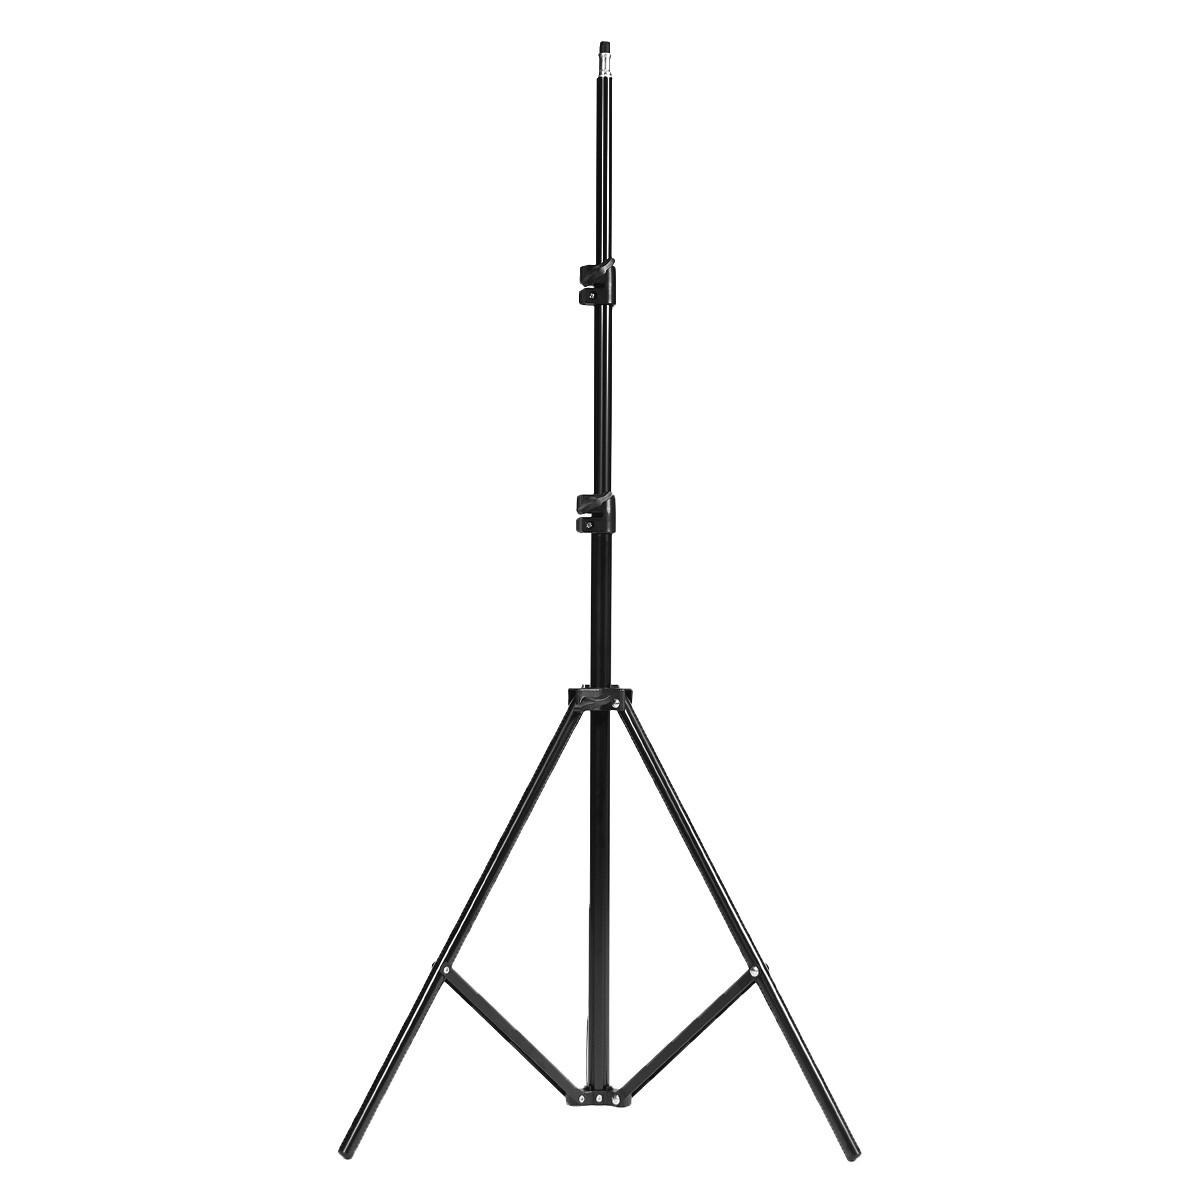 Стойка студийная Mircopro LS-8003B-5 1.9 м с чехлом (нагрузка 2 кг)